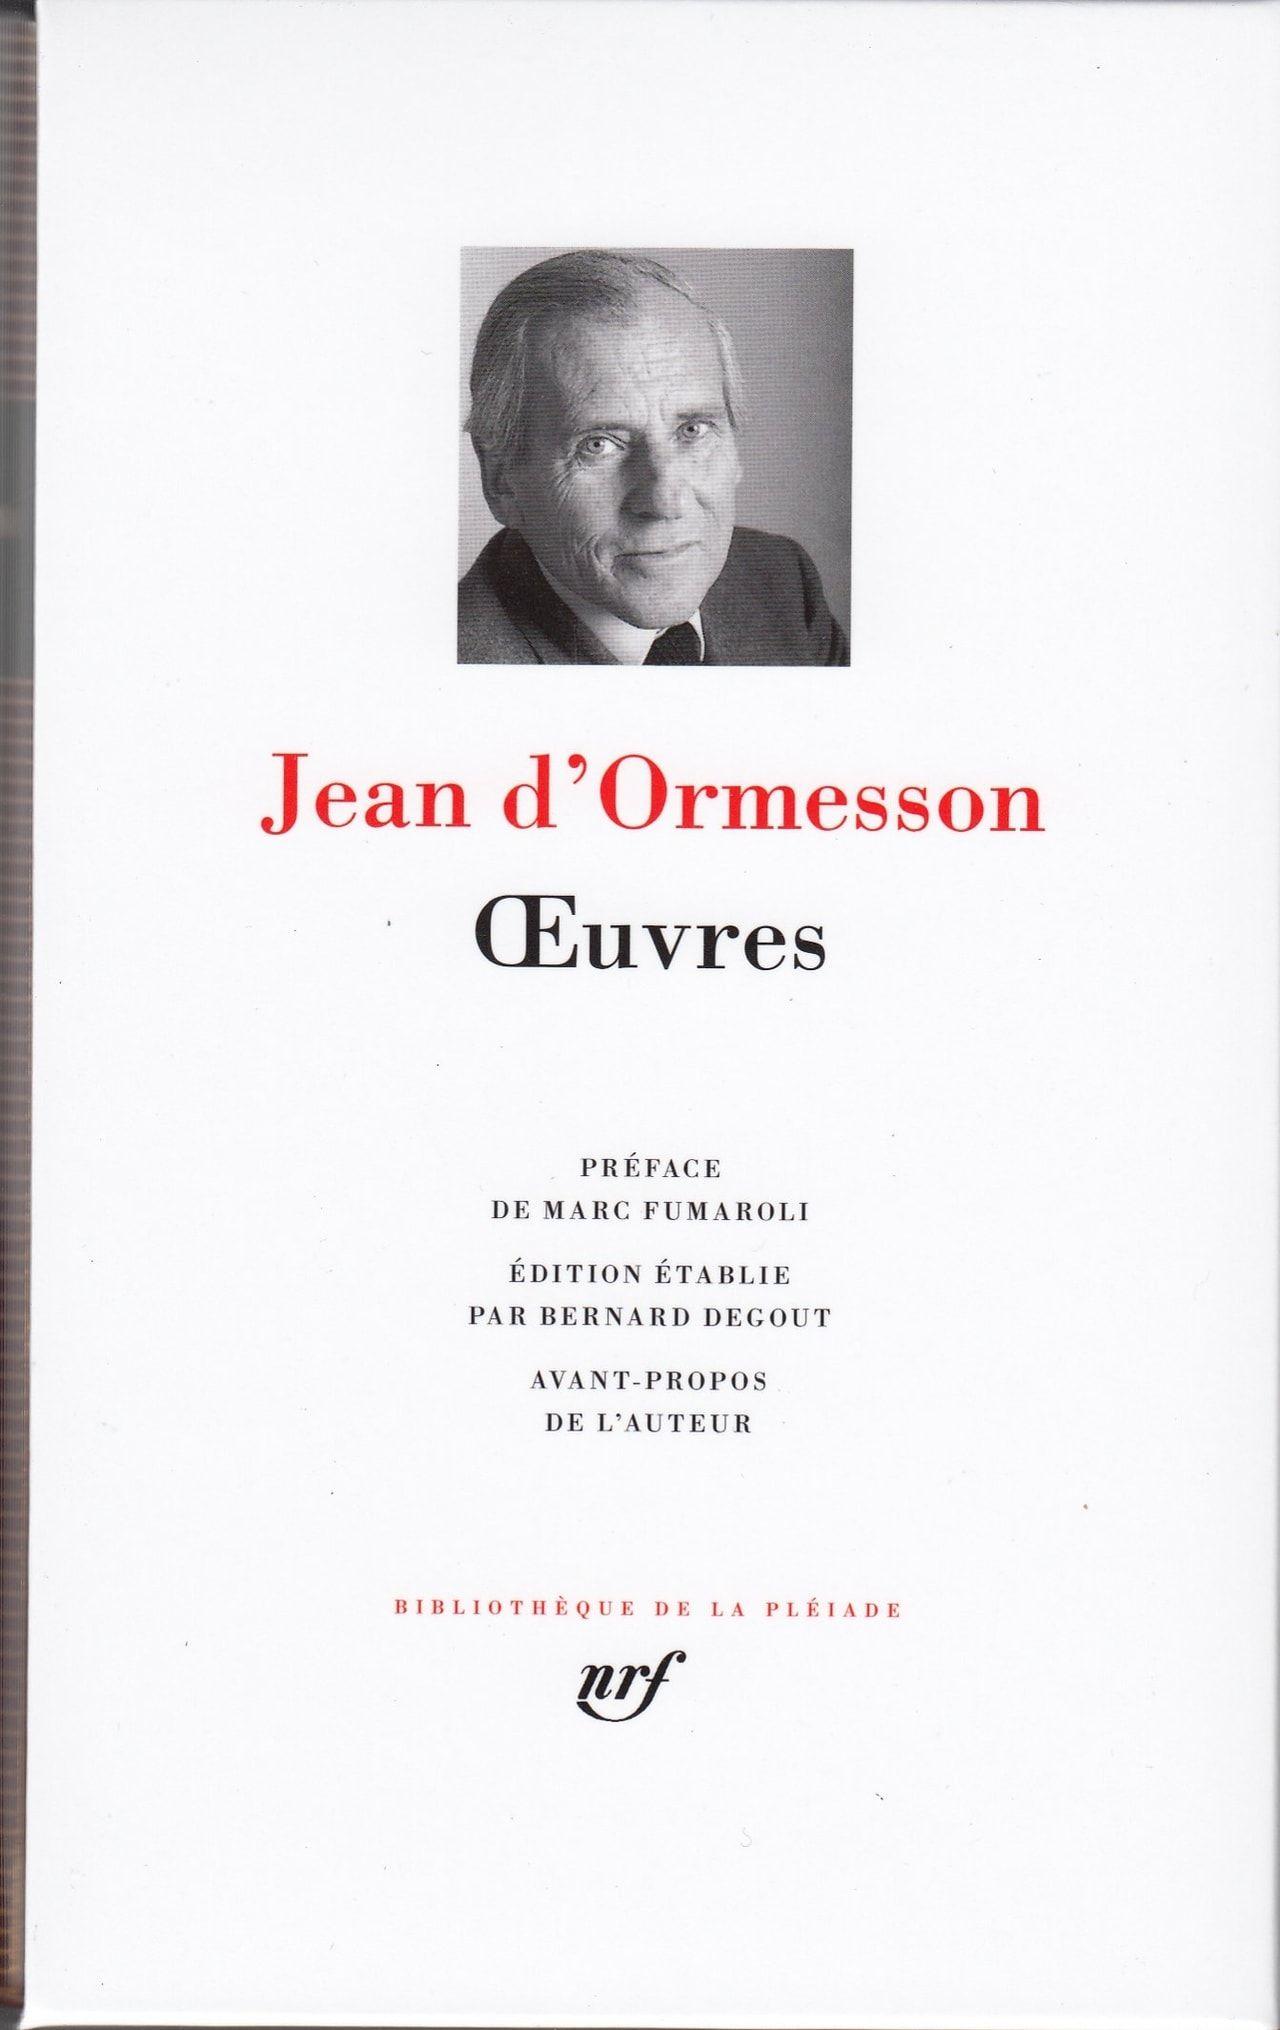 884357 Jpg 1280 2030 Jean D Ormesson La Pleiade Preface